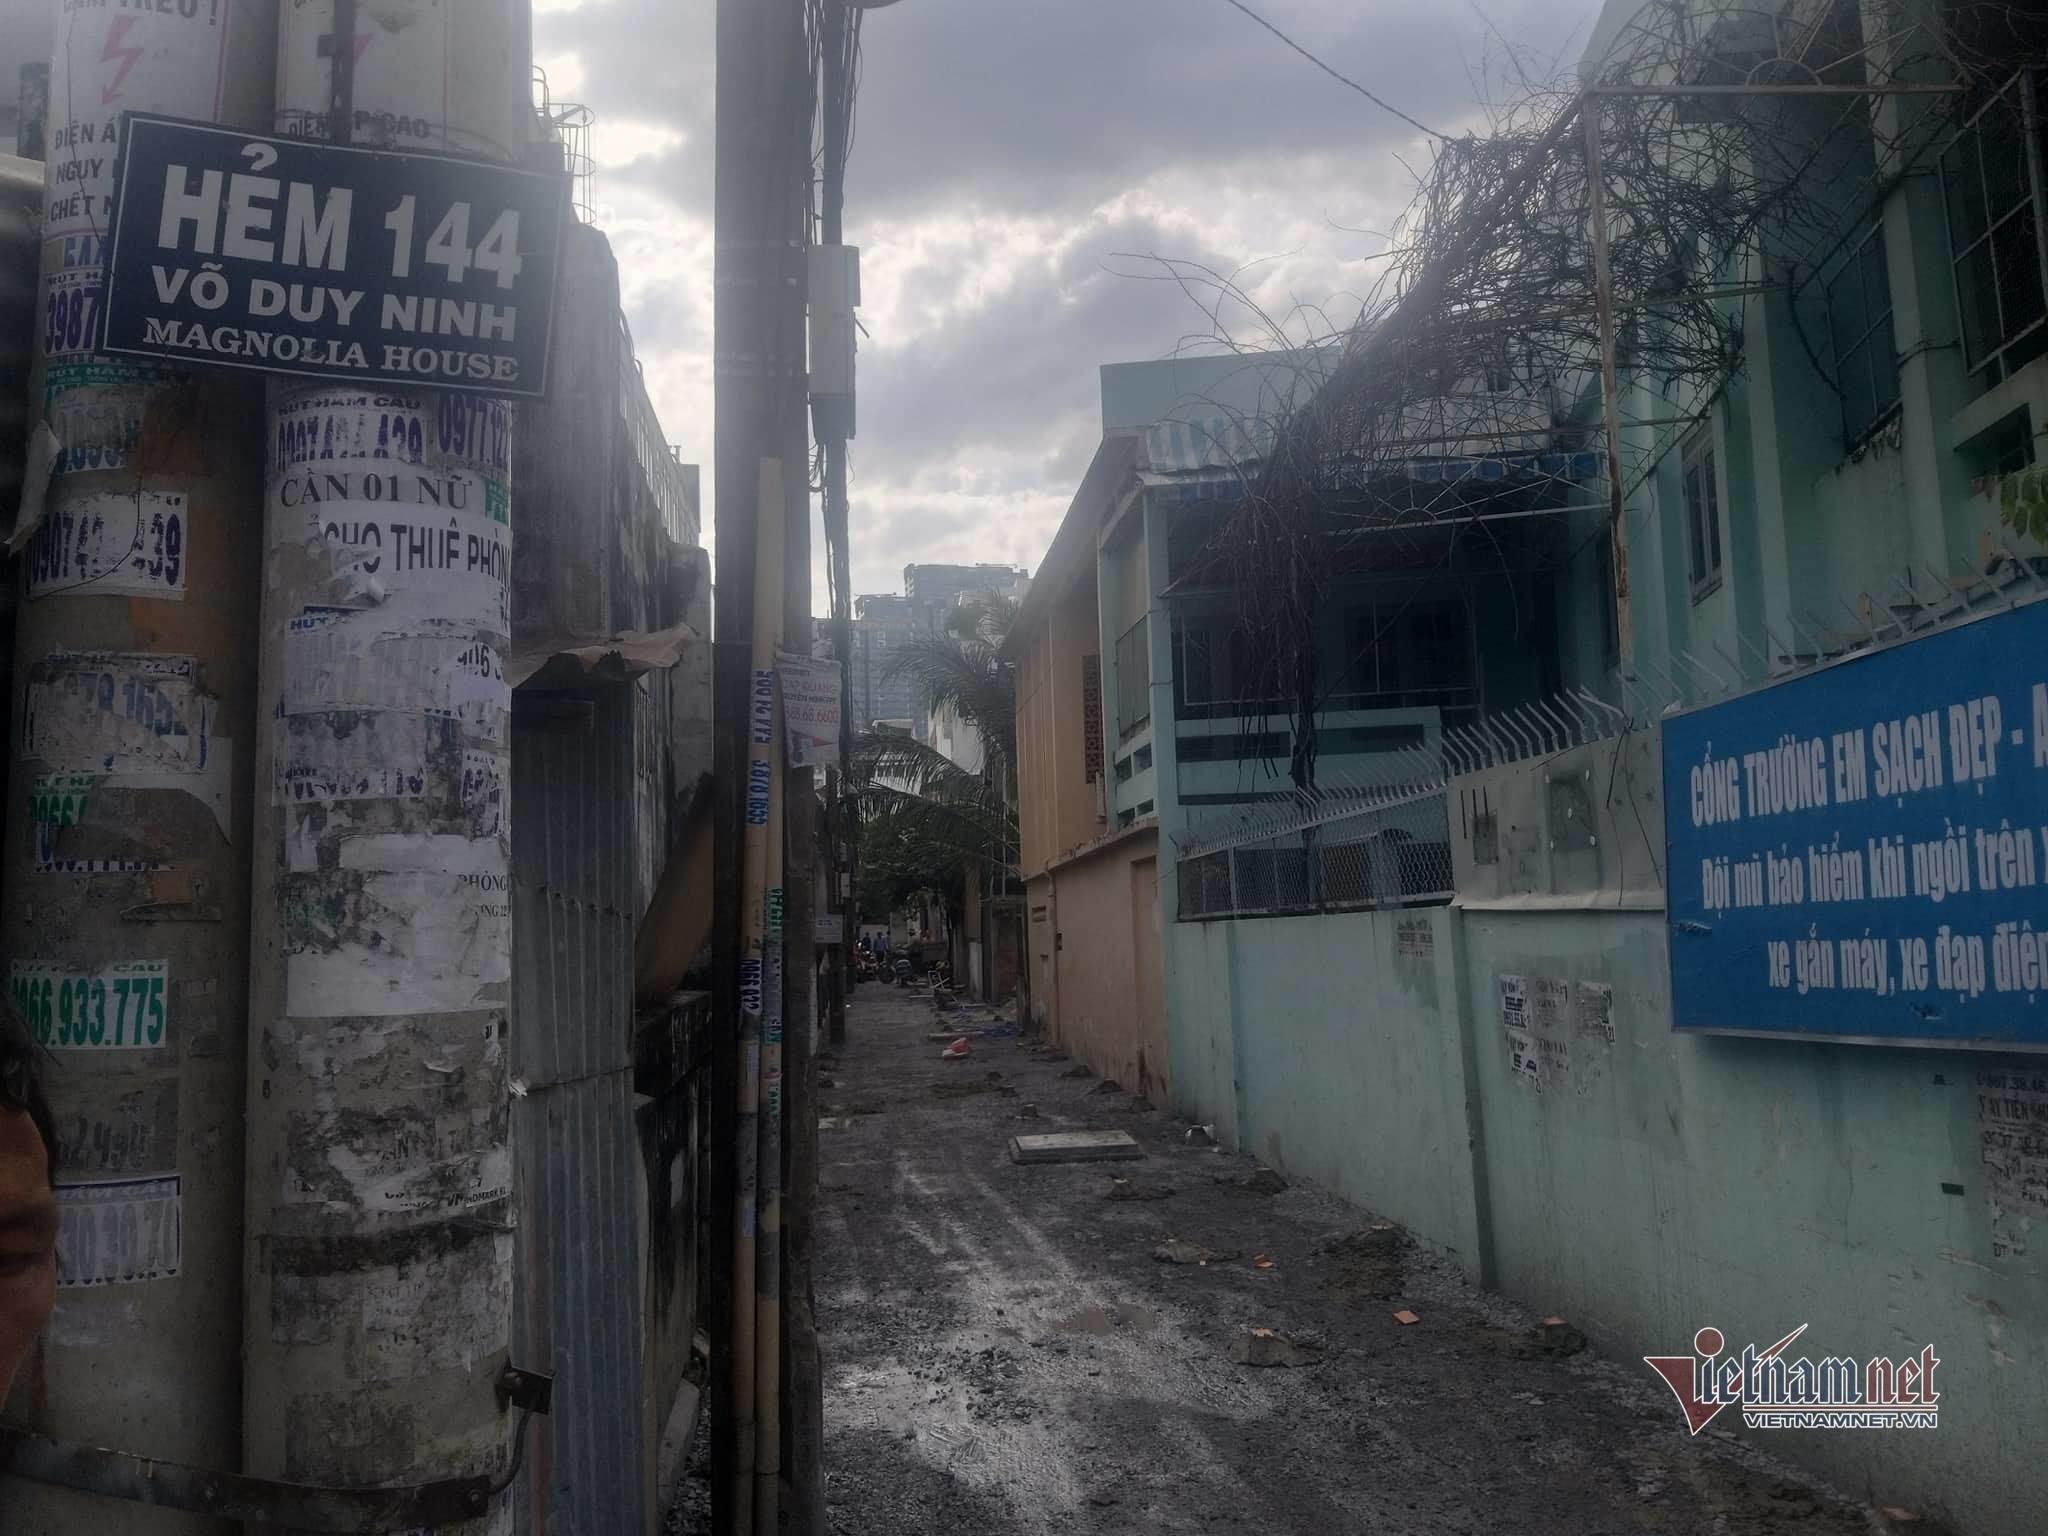 Nữ chủ hộ ở TP.HCM bị bêu tên vì không đóng 3 triệu làm đường